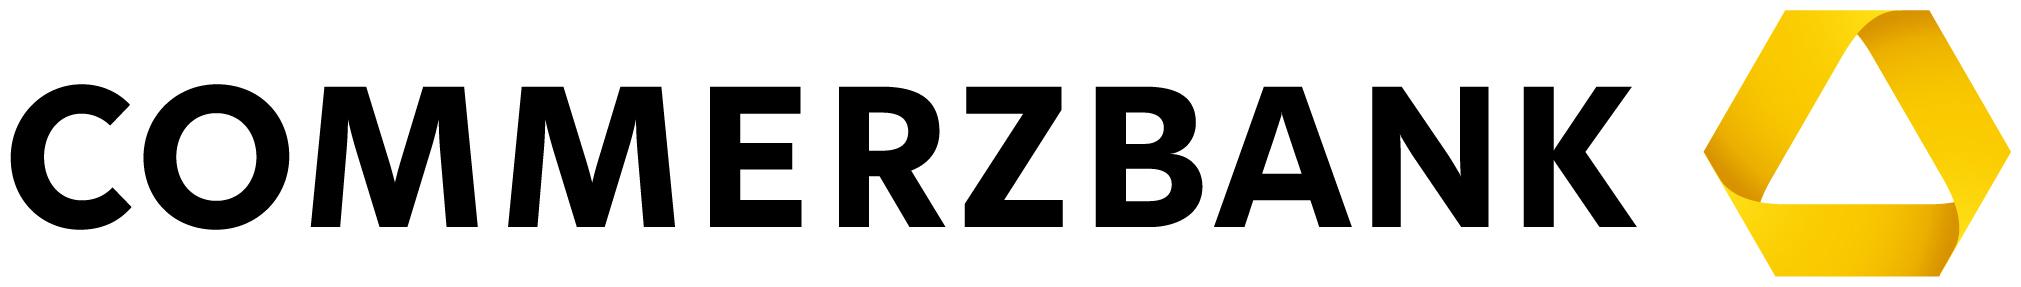 logo commerzbank ag